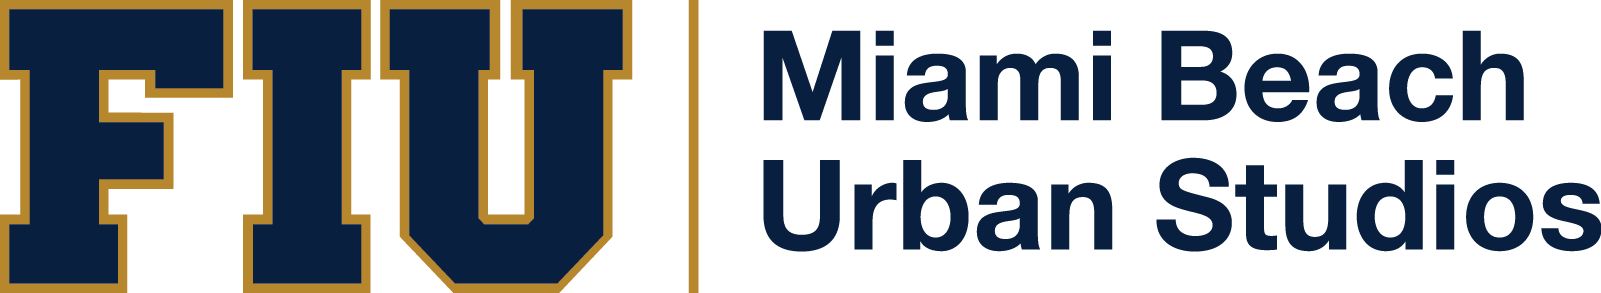 Miami Beach Urban Studios Logo